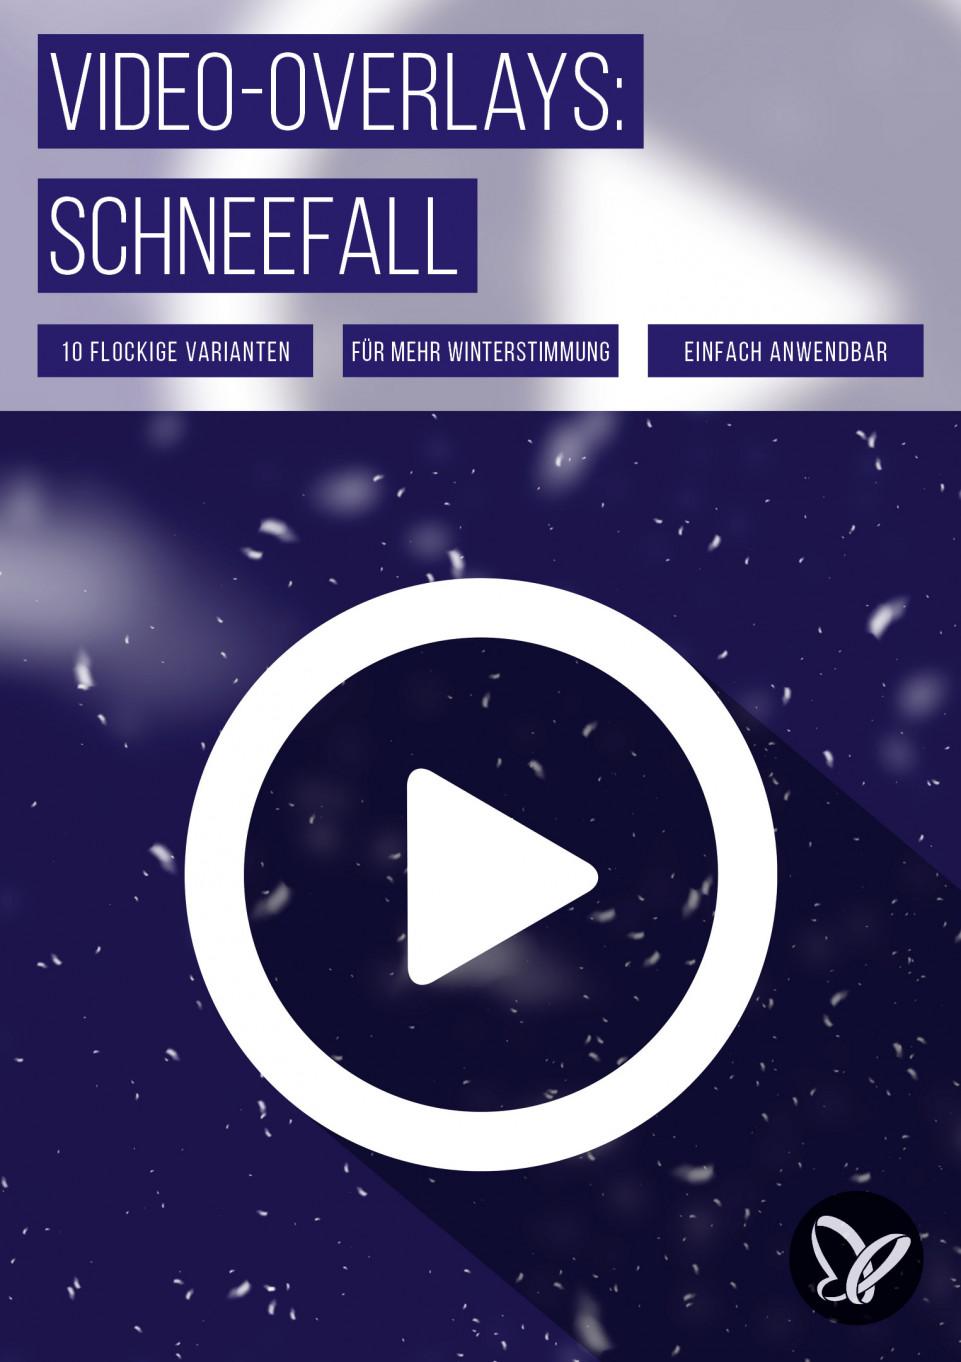 Let it snow! Video-Overlays für zauberhafte Schnee-Effekte in 4K-Qualität